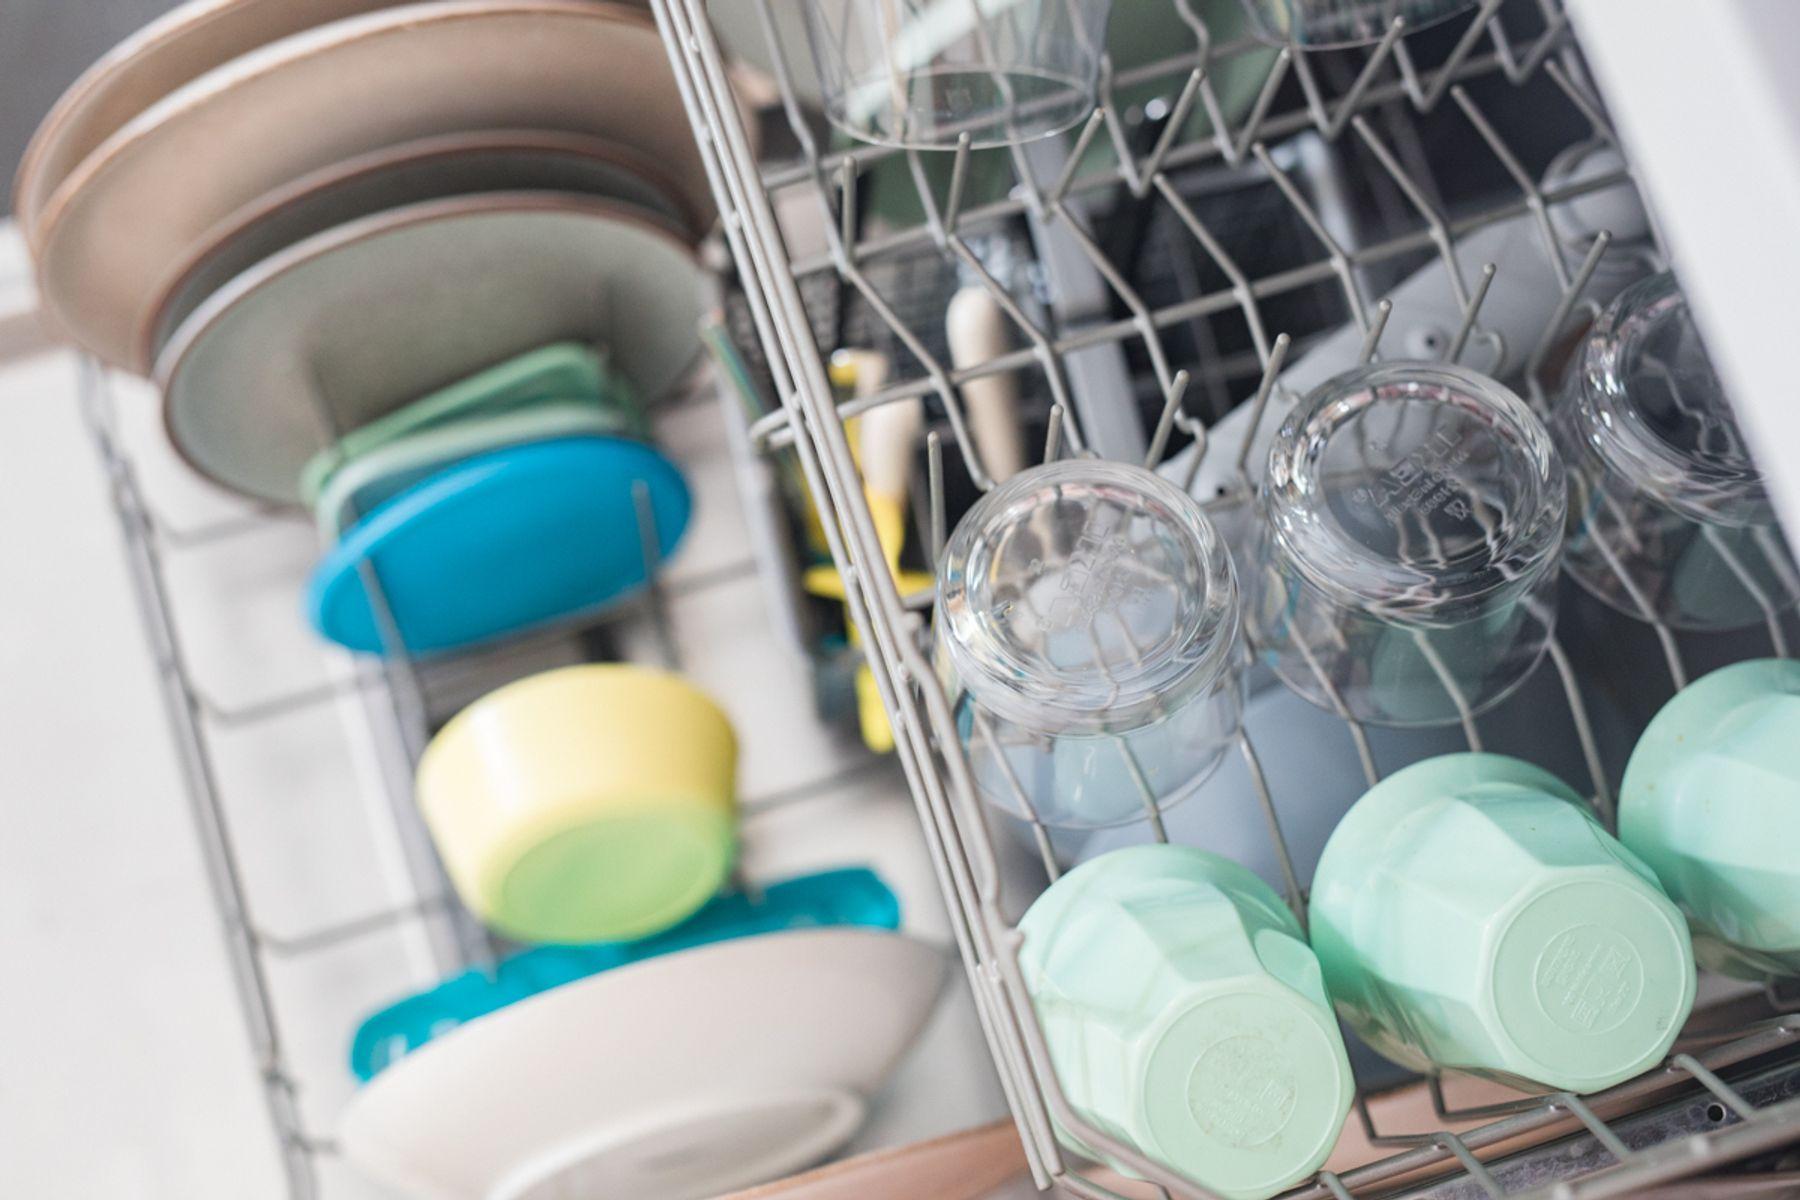 An open, loaded dishwasher